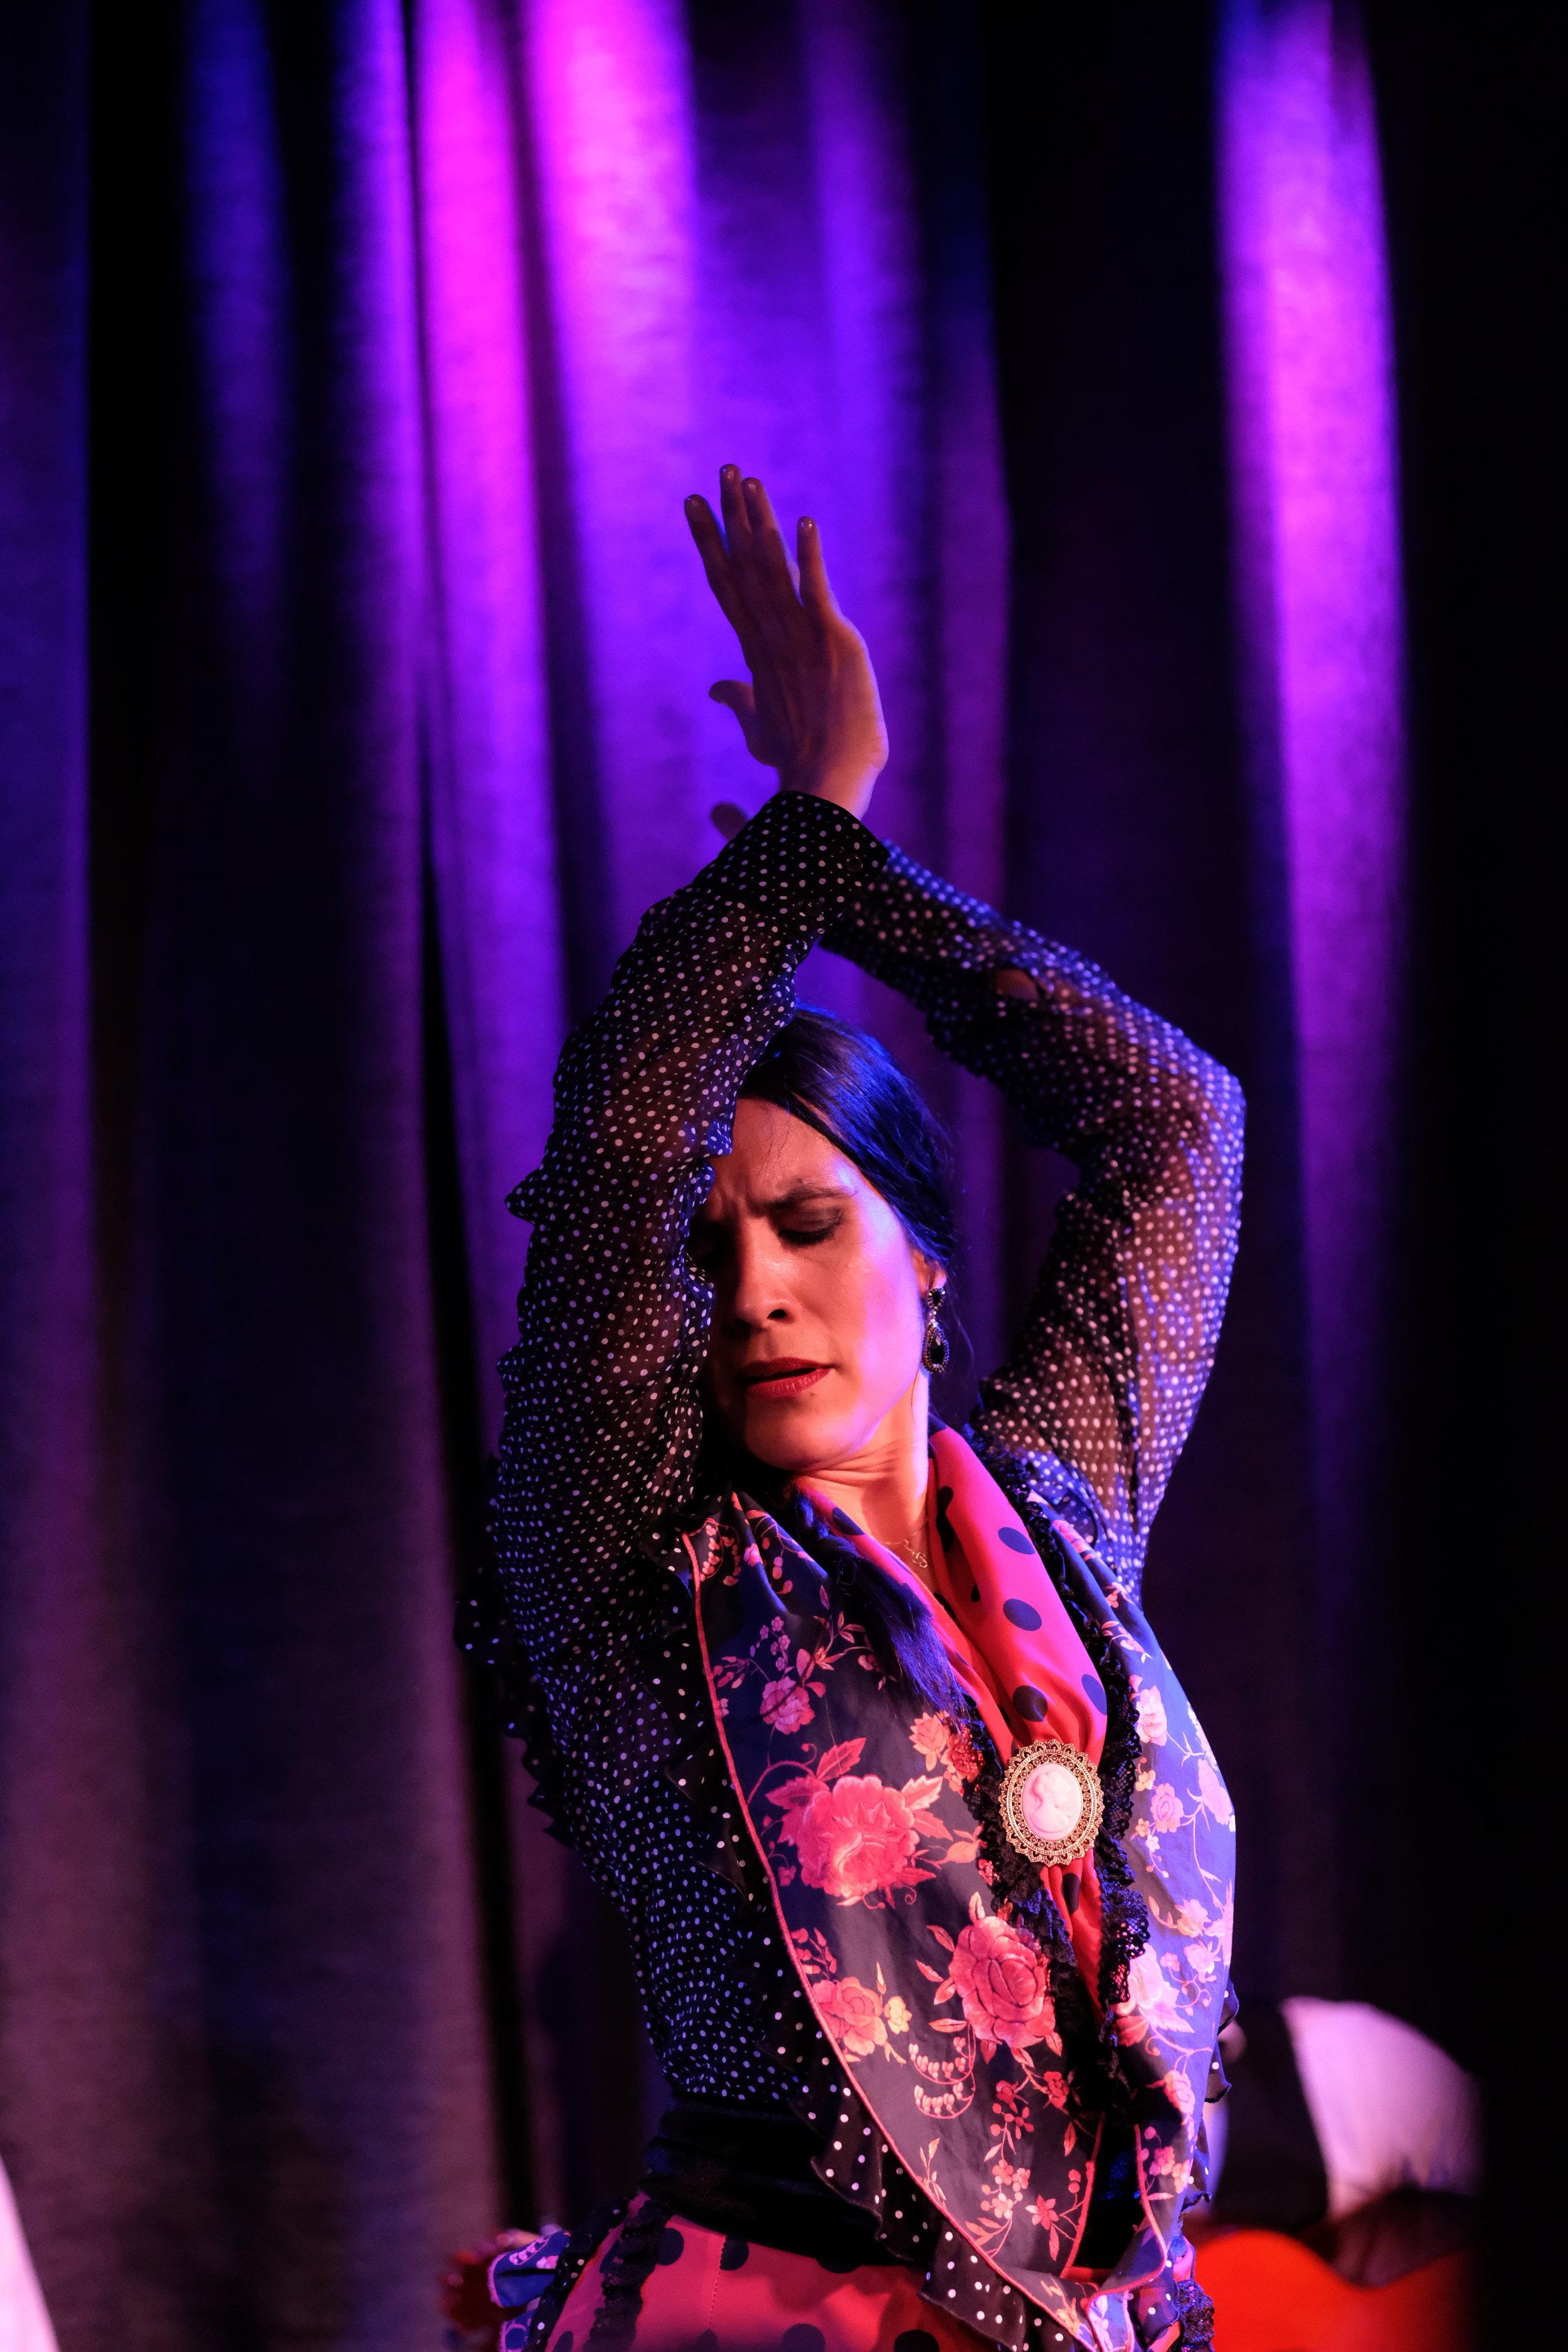 Flamencotanz - WINTERTHURDi 9.30-11.00 MittelstufeDi 19.00-20.30 Anfängerkurs - Neu!!!Mi 18.15-19.15 Choreo (Gute Anfänger)Mi 19.15-20.15 Technik (Alle Niveaus)Mi 20.15-21.15 Choreo (Mittelstufe)Do 18.00-19.00 Choreo (Mittelstufe)Do 19.00-20.00 Technik (Alle Niveaus)Do 20.00-21.00 Choreo (Fortgeschritten)Sa 12.15-13.45 Anfänger* * * * * * * * * * *ZÜRICHMo 18.00-19.00 Choreo (Leichte Mittelstufe)Mo 19.00-20.00 Technik (Alle Niveaus)Mo 20.00-21.00 Choreo (Fortgeschritten)*  *  *  *  *  *  *  *  *1 Mal im Monat: Bulerias Improvisation mit Live Gesang (Jeweils Sonntags. Daten werden noch bekannt gegeben)Der Unterricht wird regelmässig mit Live Musik begleitet.* Die Choreografie-Stunde kann nur in Kombination mit der Technikstunde besucht werden. Die Technik  kann auch alleine besucht werden.